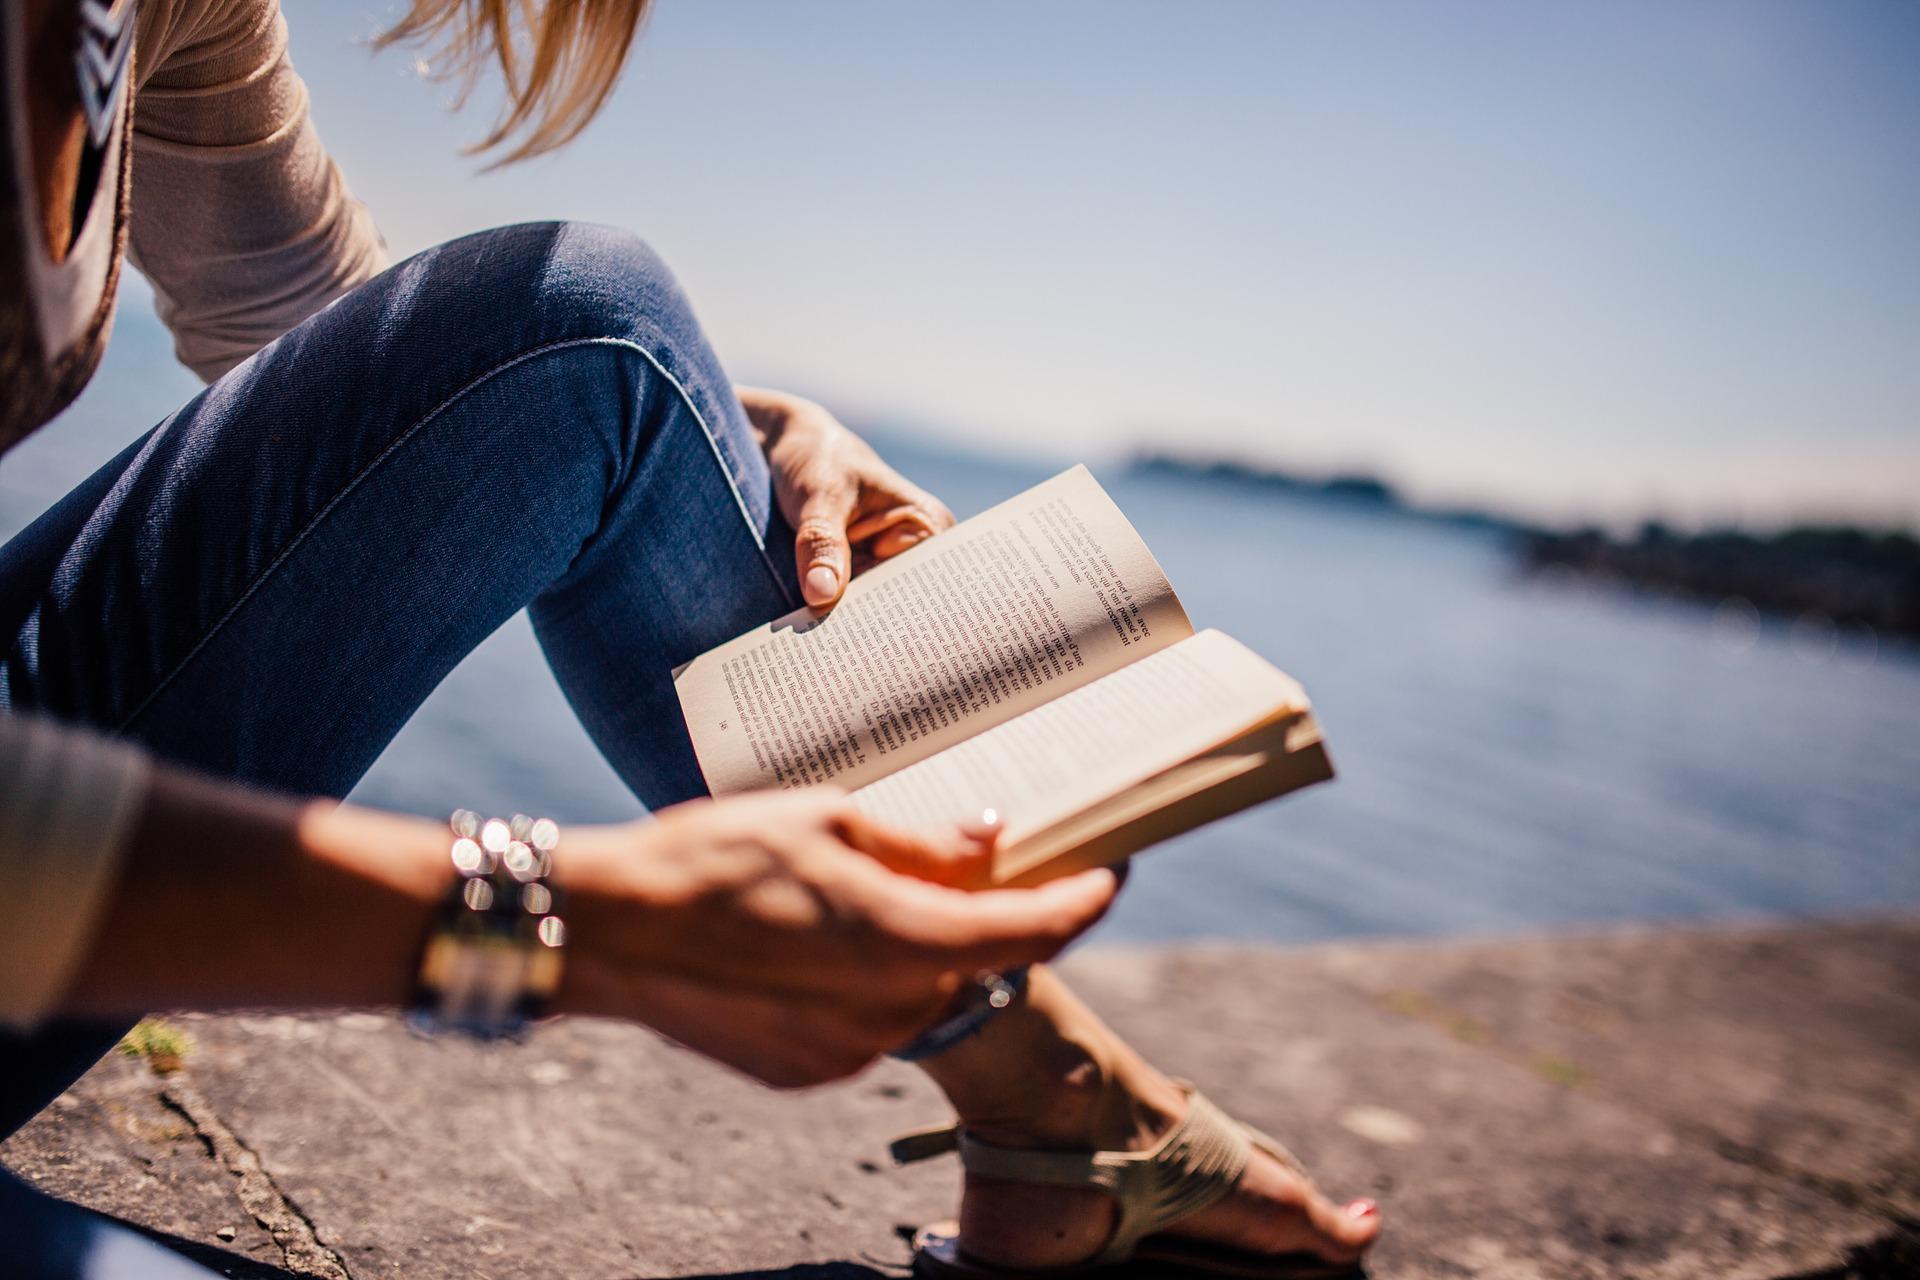 Hangi Kitapları Okudun? - BİRİKTİRDİKLERİM Test